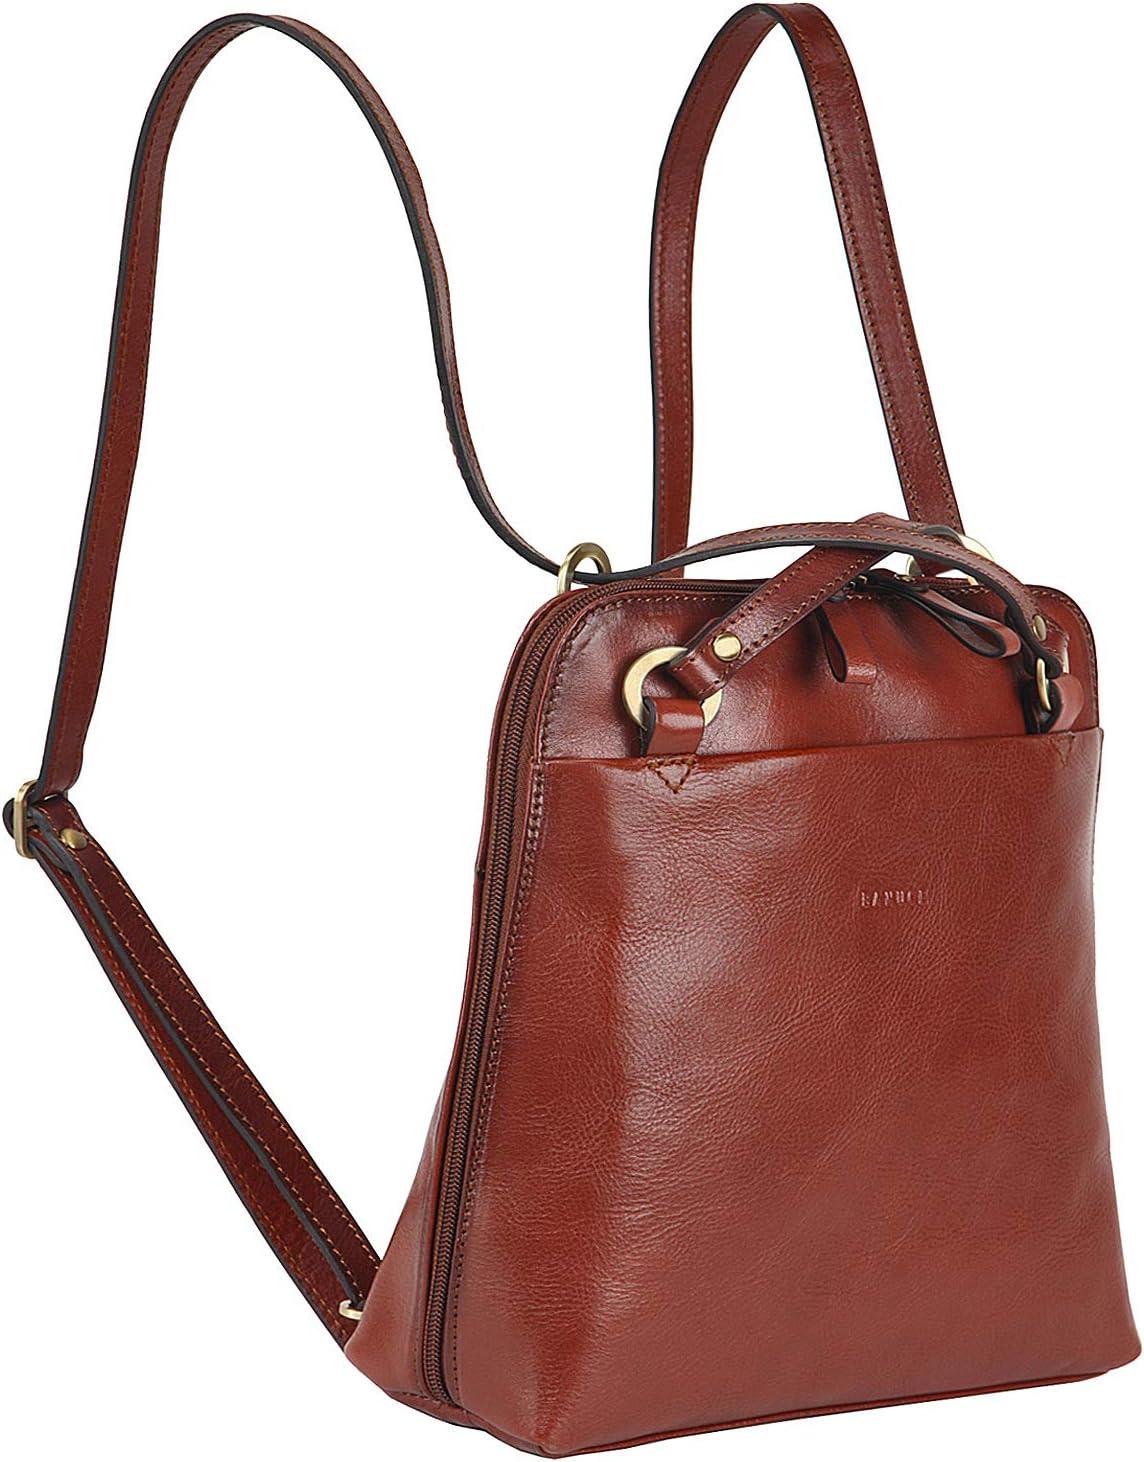 Shoulder Messenger Leather Bag Natural Vegetable Tanned Cow Leather Bag Small Satchel Bag Small Leather Purse Women Small Leather Bag